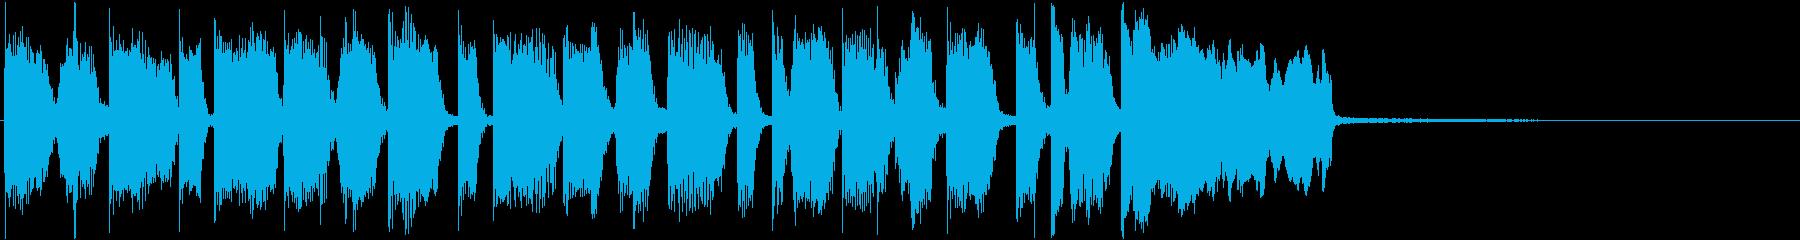 アイキャッチ・場面転換・激しい・ロックの再生済みの波形